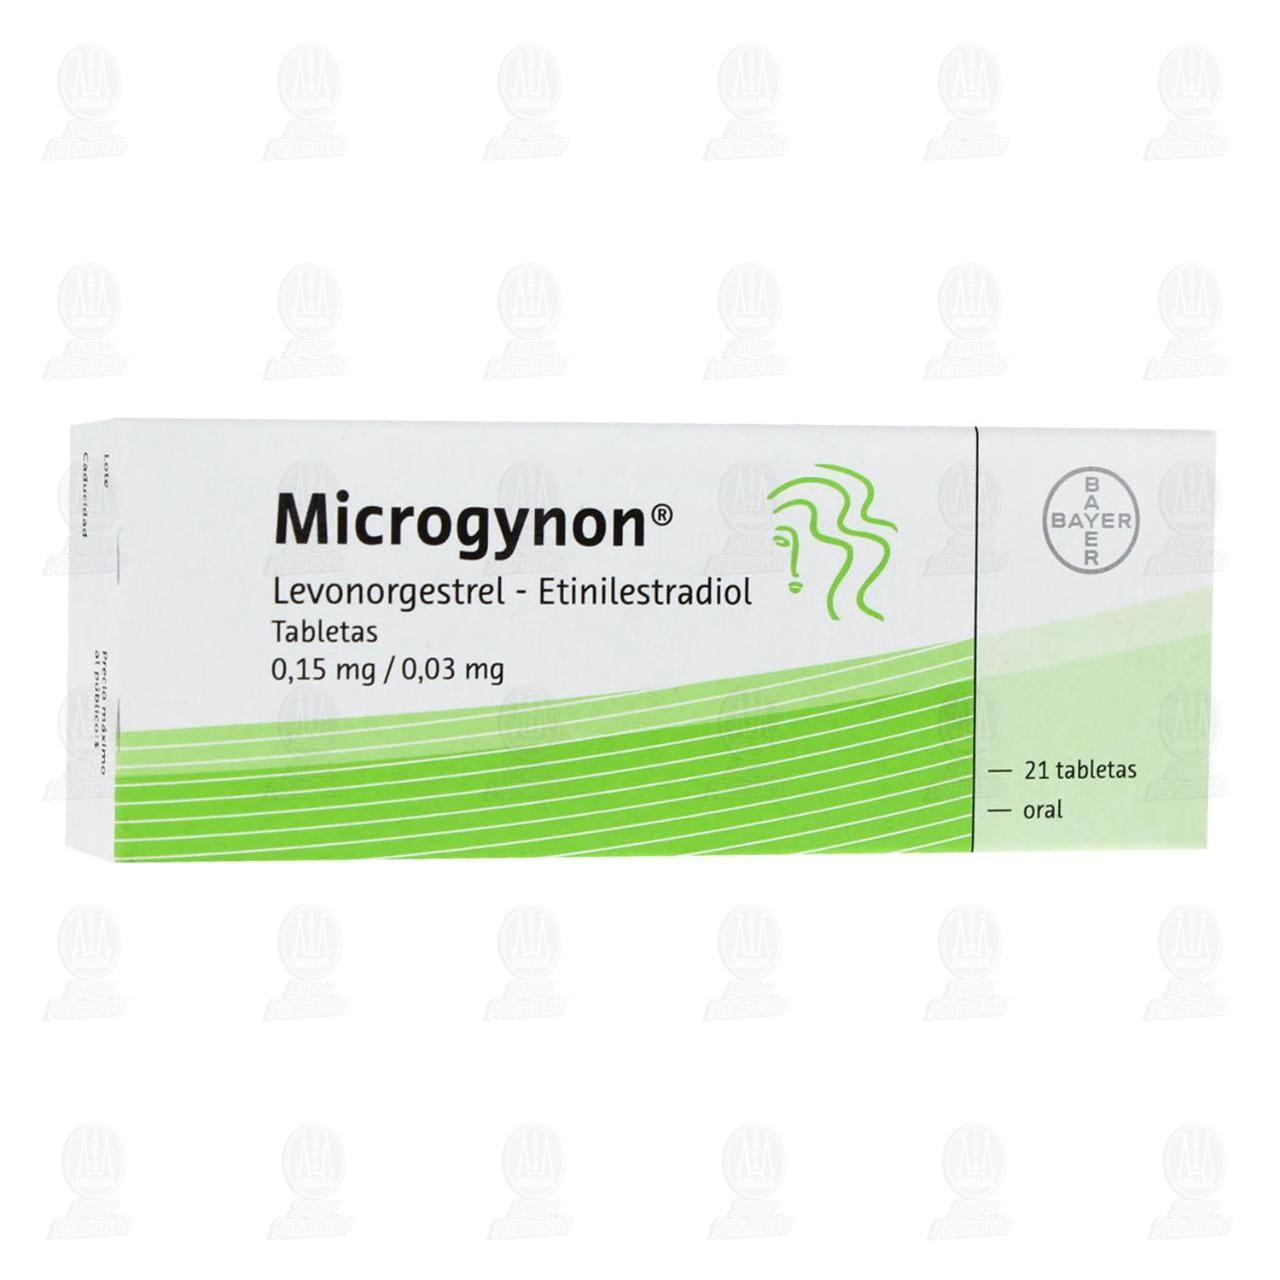 Microgynon 21 Grageas